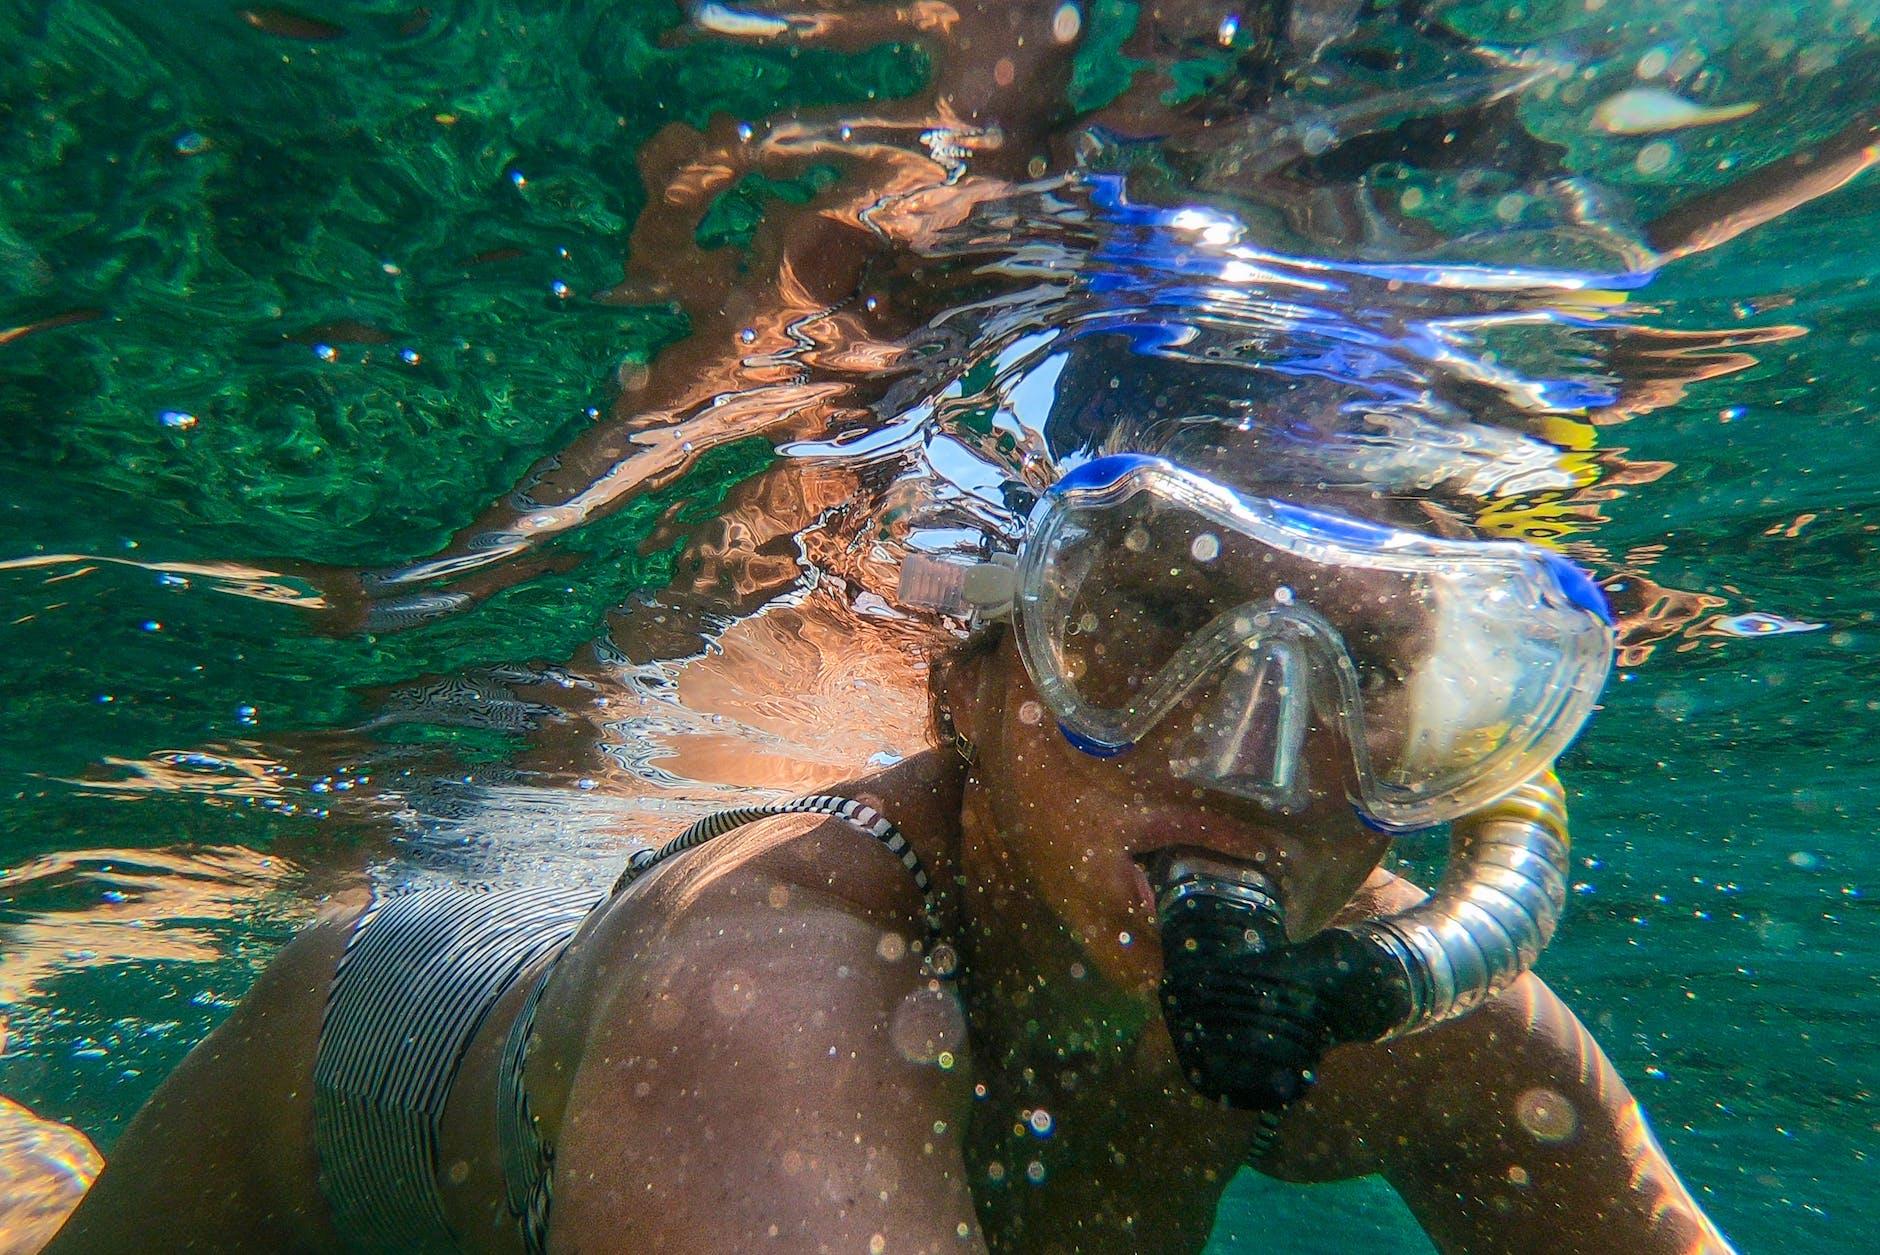 What's Bubble Maker Diving?